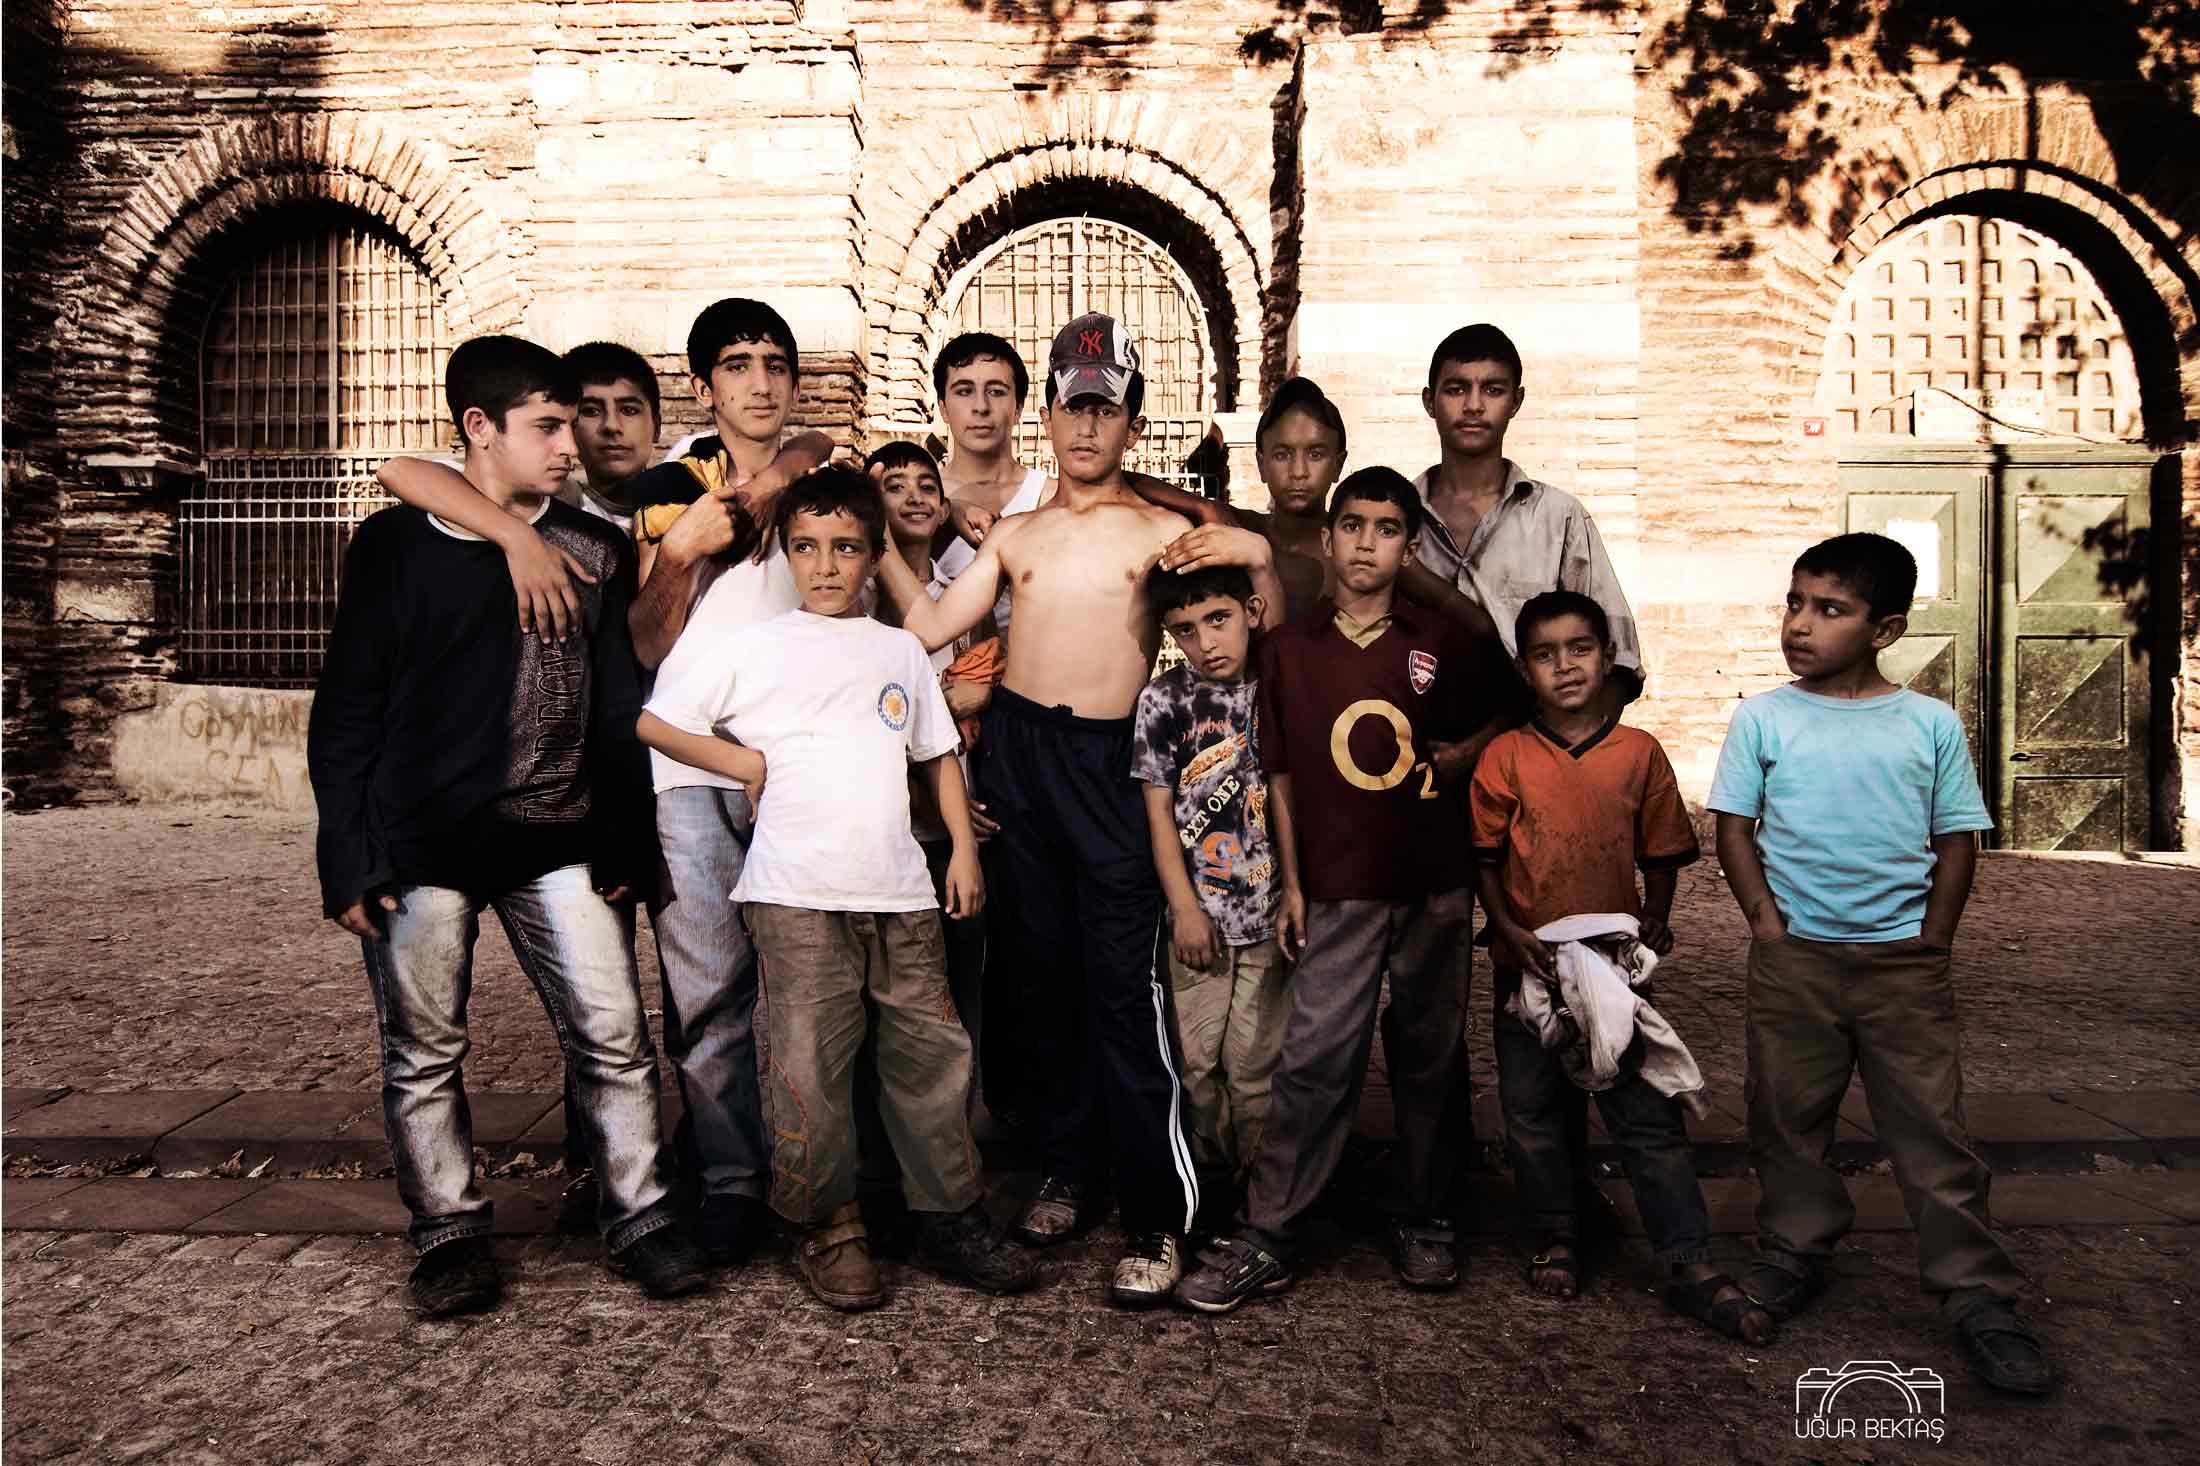 Sokaktan_Fotograflar_Turkiye__0026.jpg